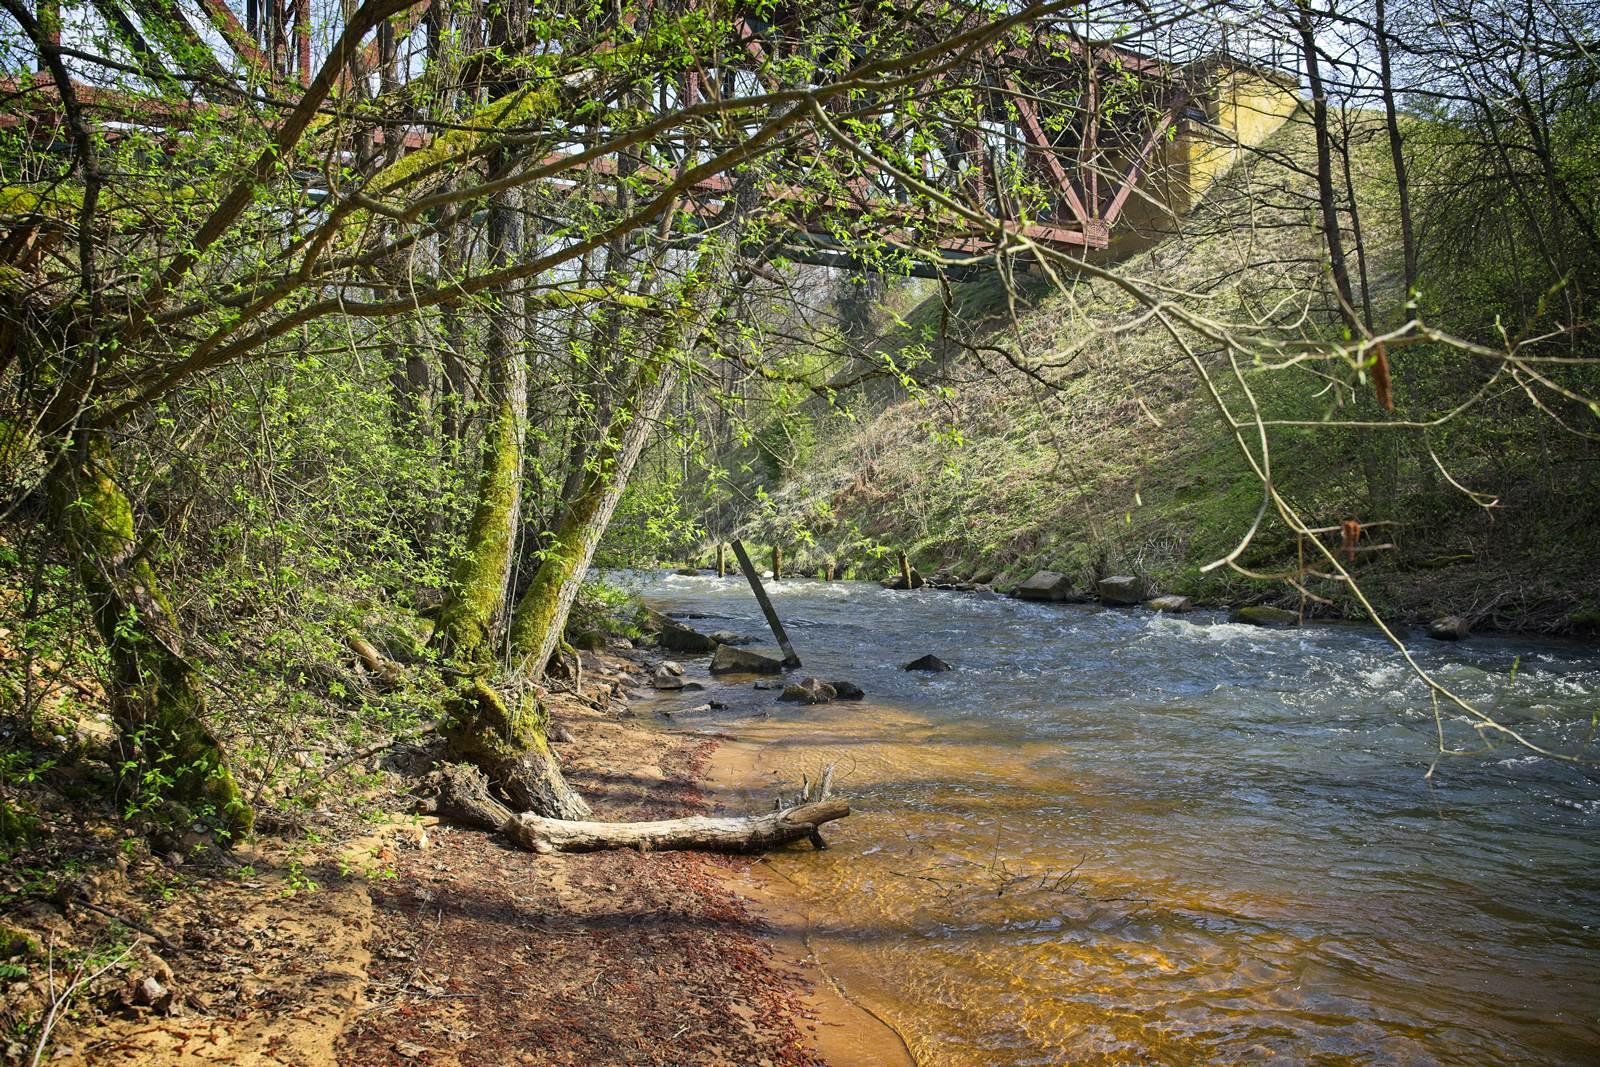 dzukijski park narodowy rzeka ula